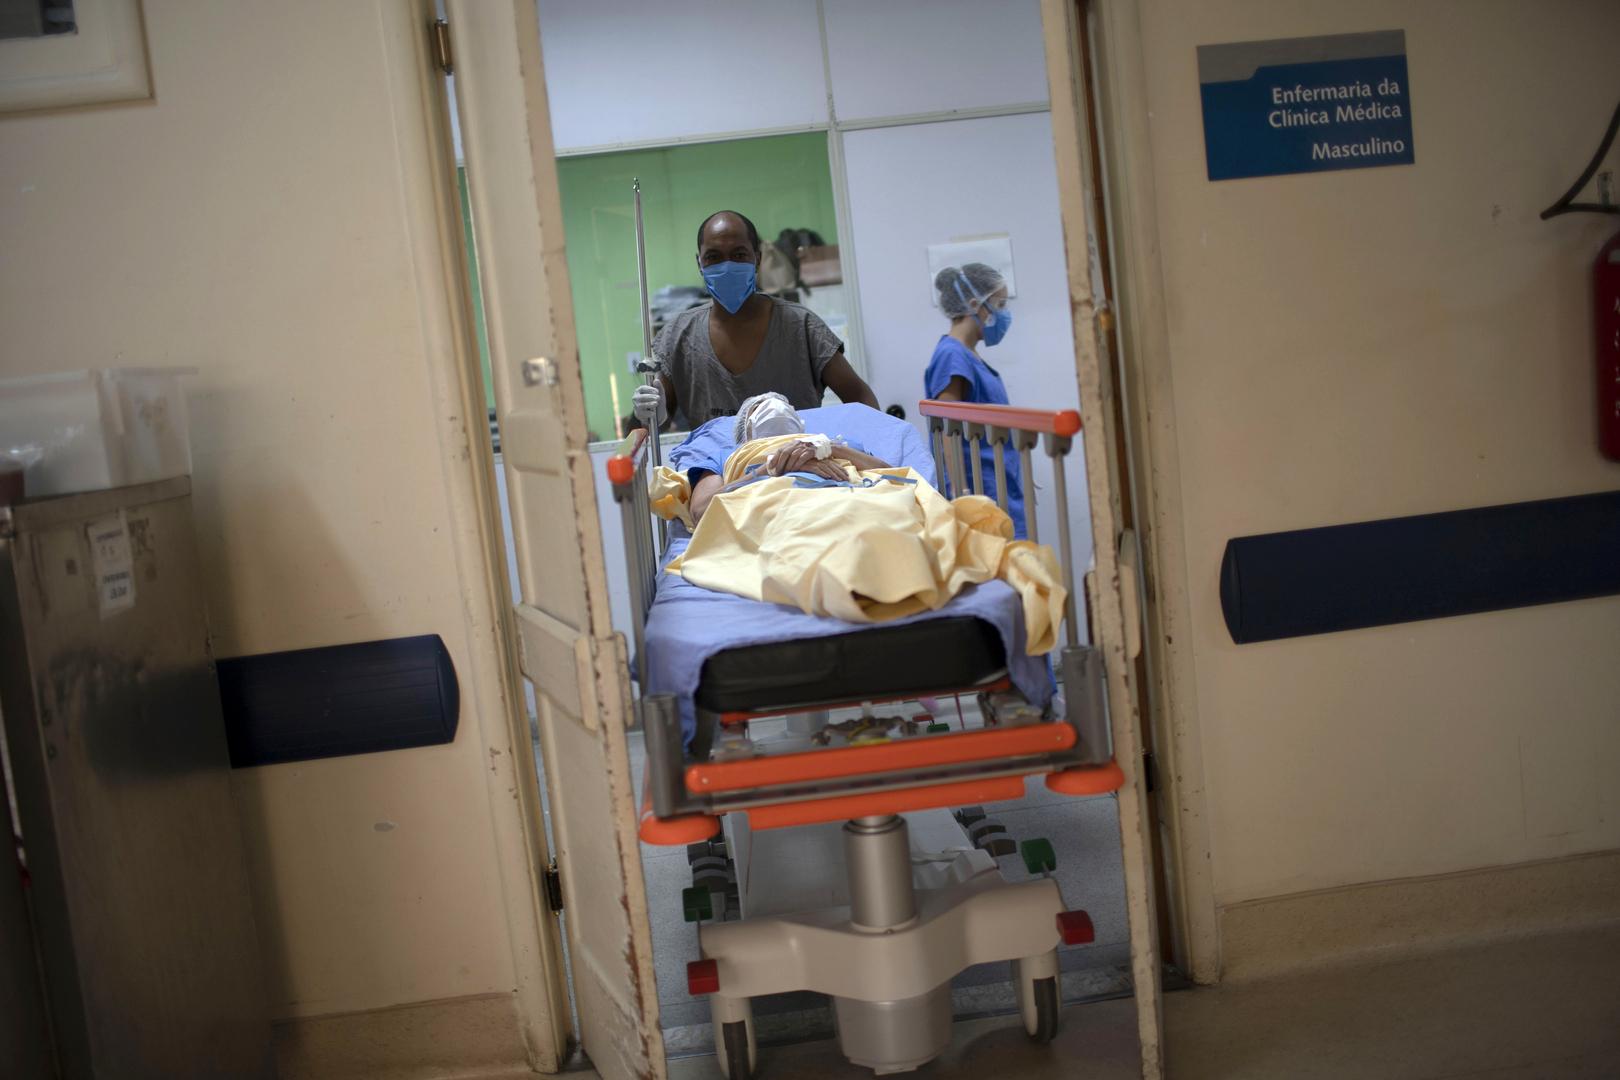 كورونا في البرازيل: انخفاض الحصيلة اليومية للوفيات إلى ما دون ألف حالة